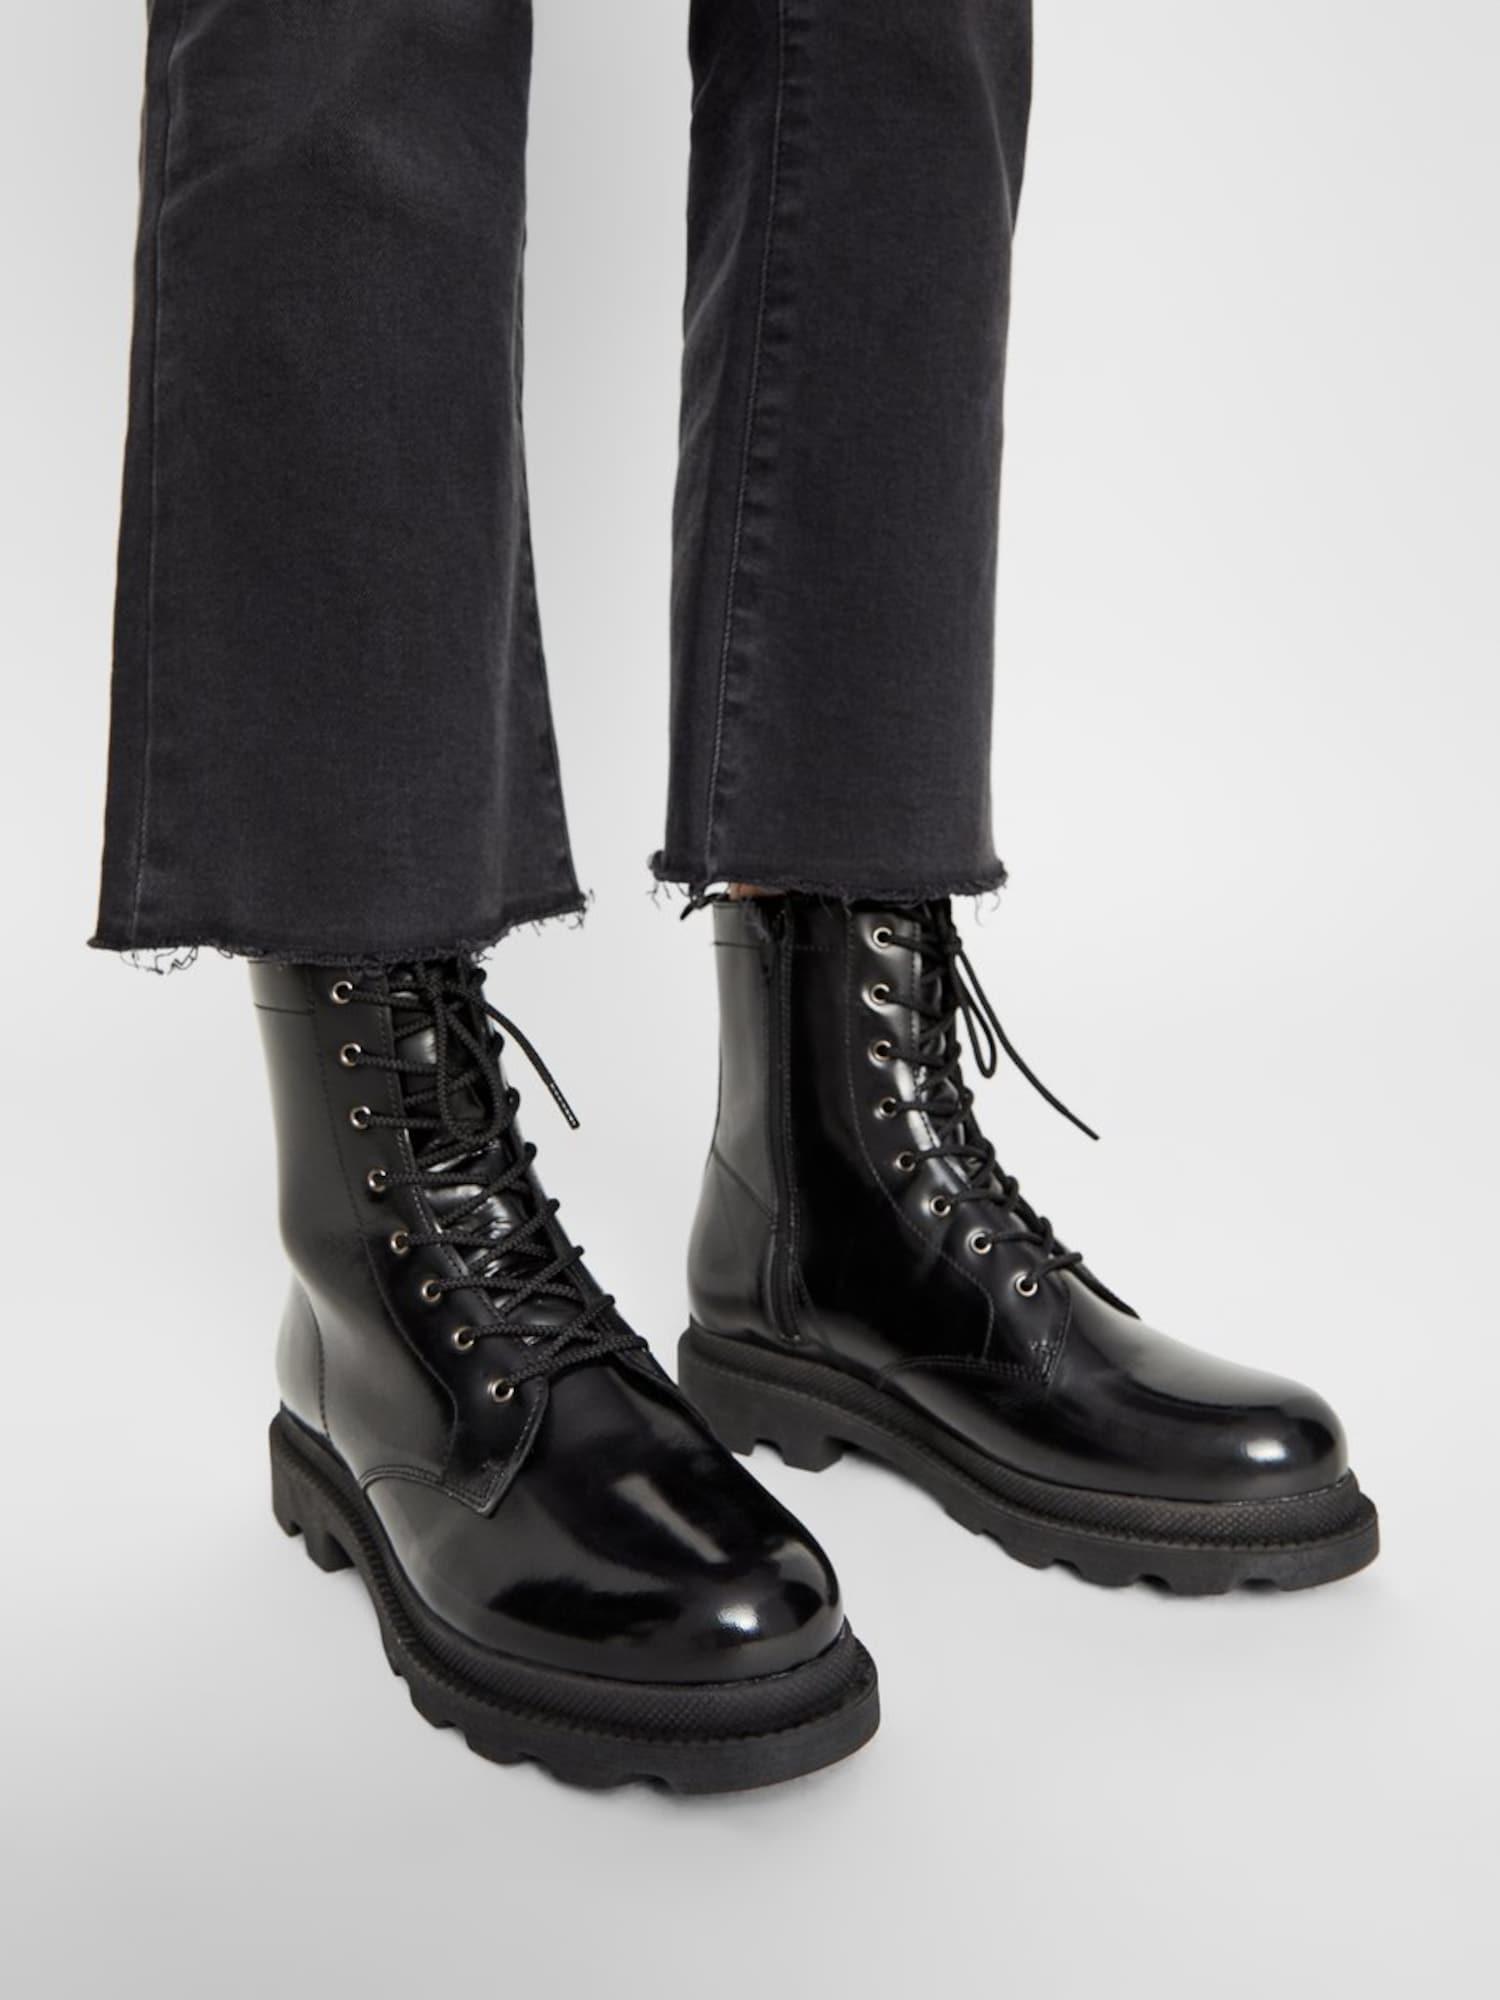 bianco - Boots